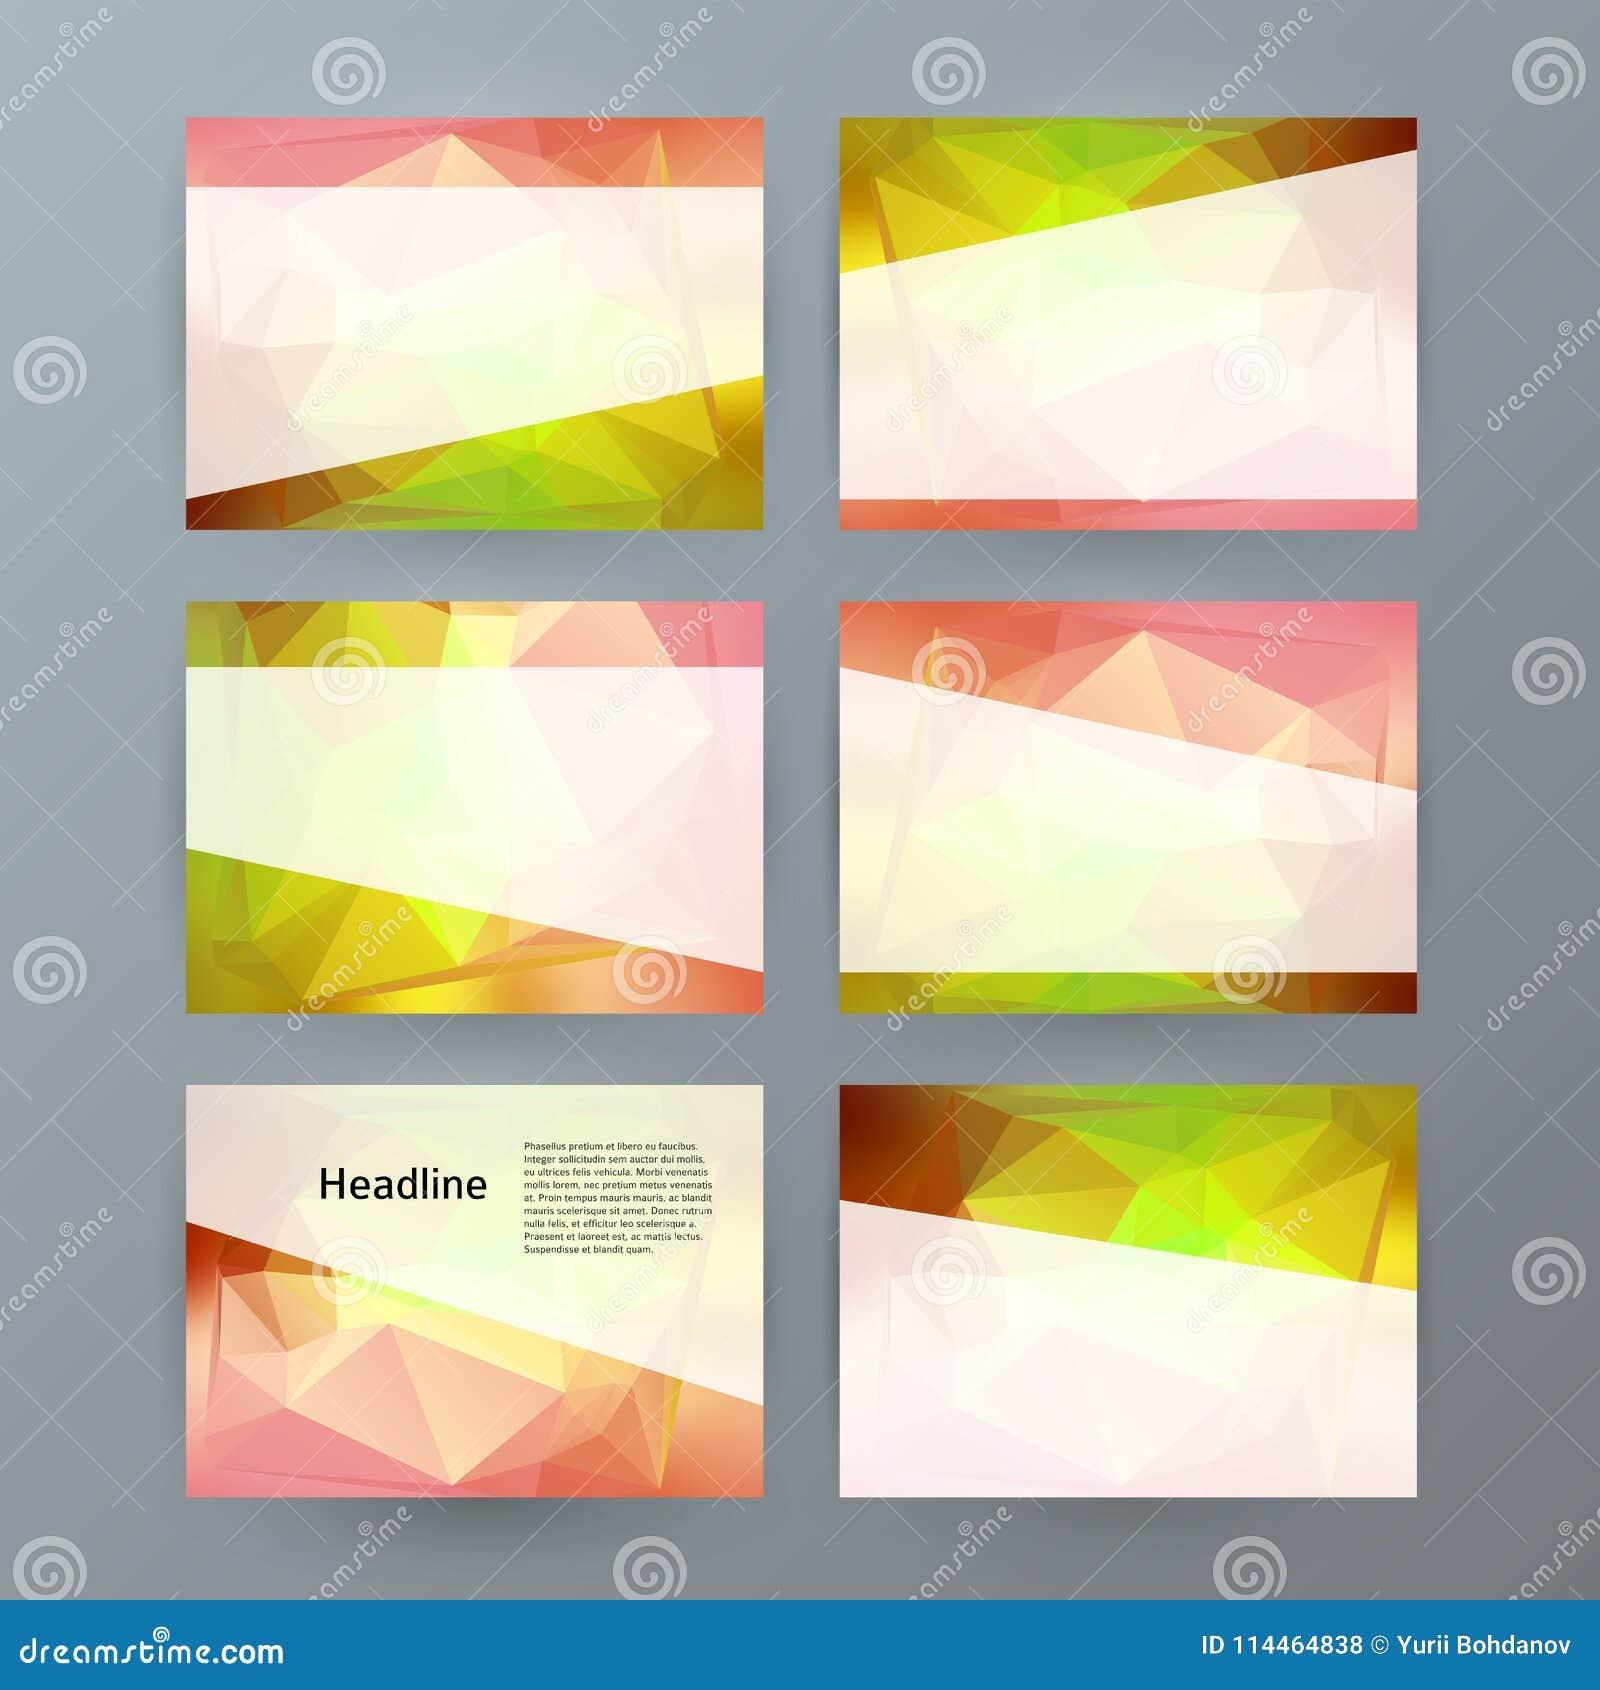 horizontal banner background design element powerpoint precentat